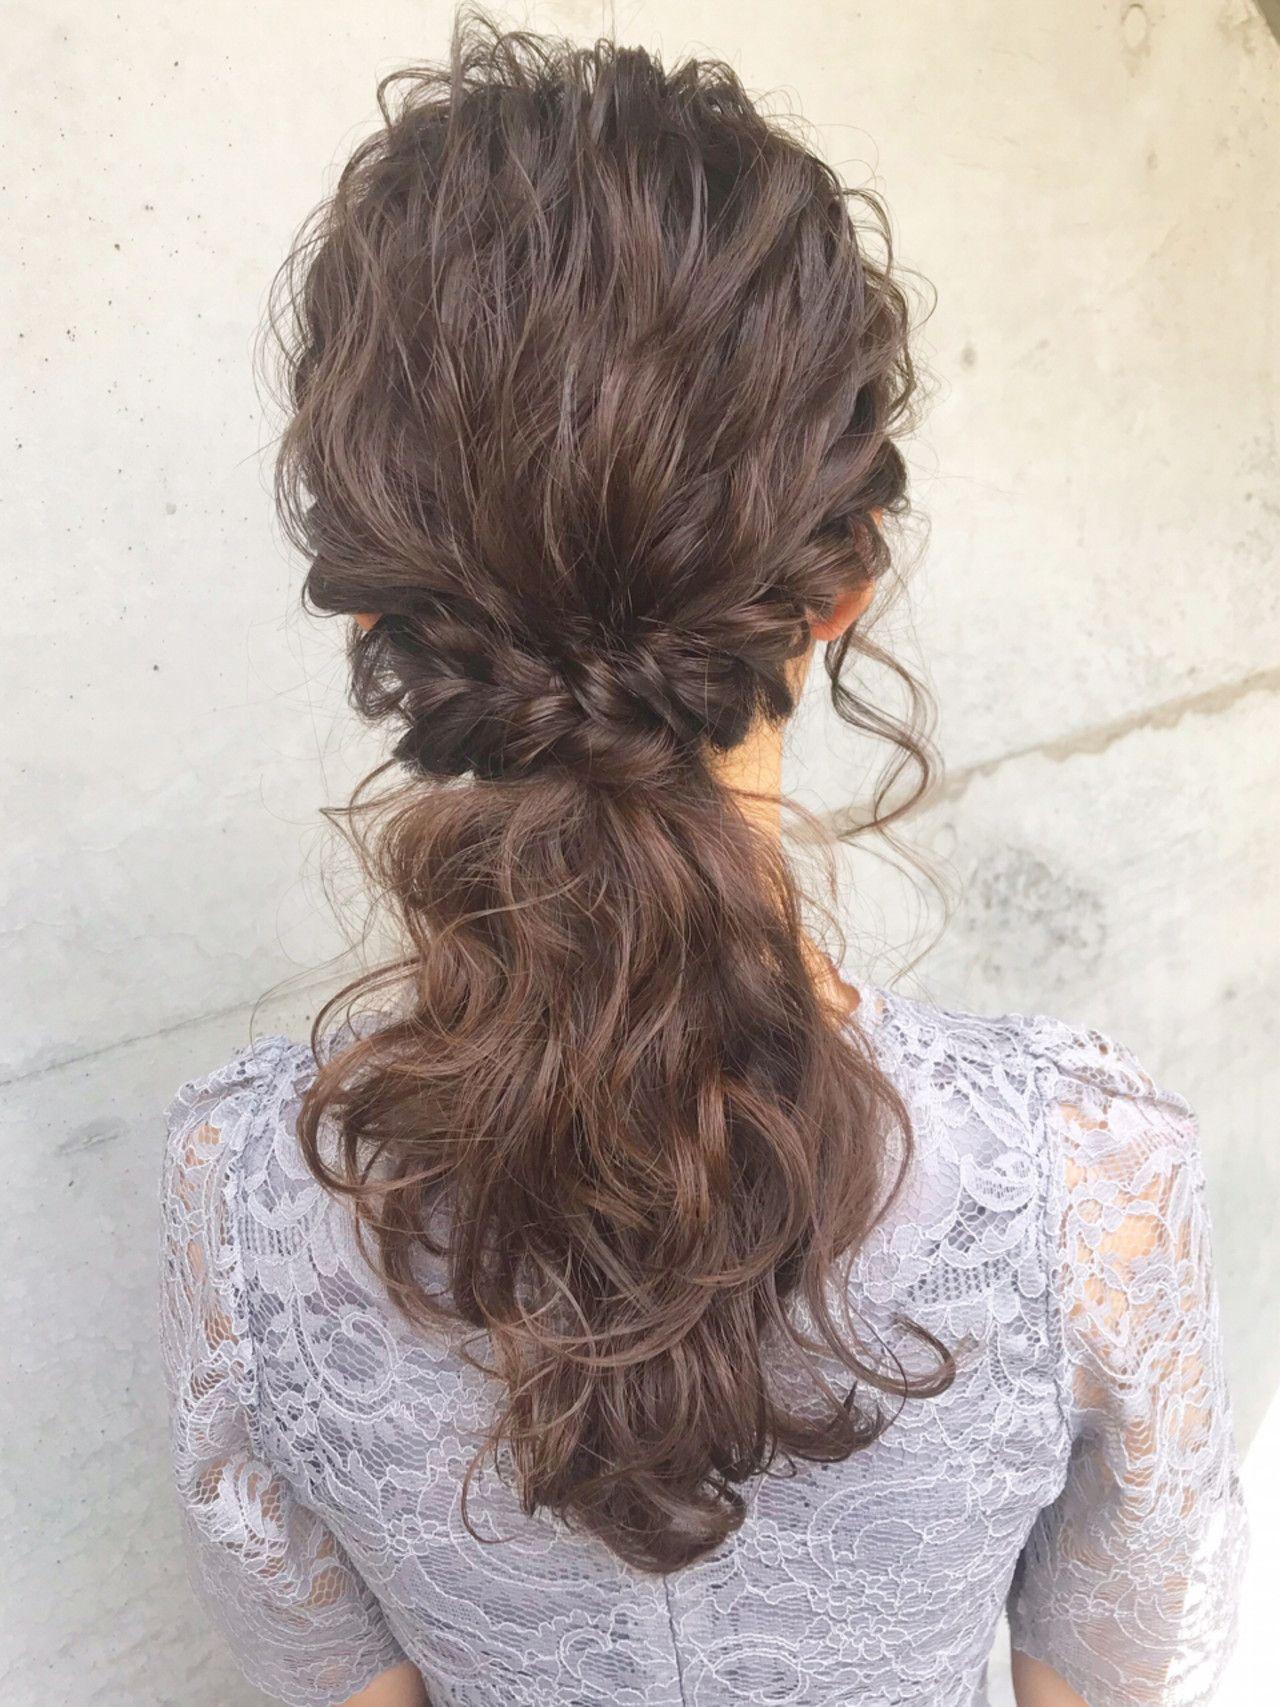 結婚式のお呼ばれ向けヘアアレンジ ショート ロングまで勢ぞろい